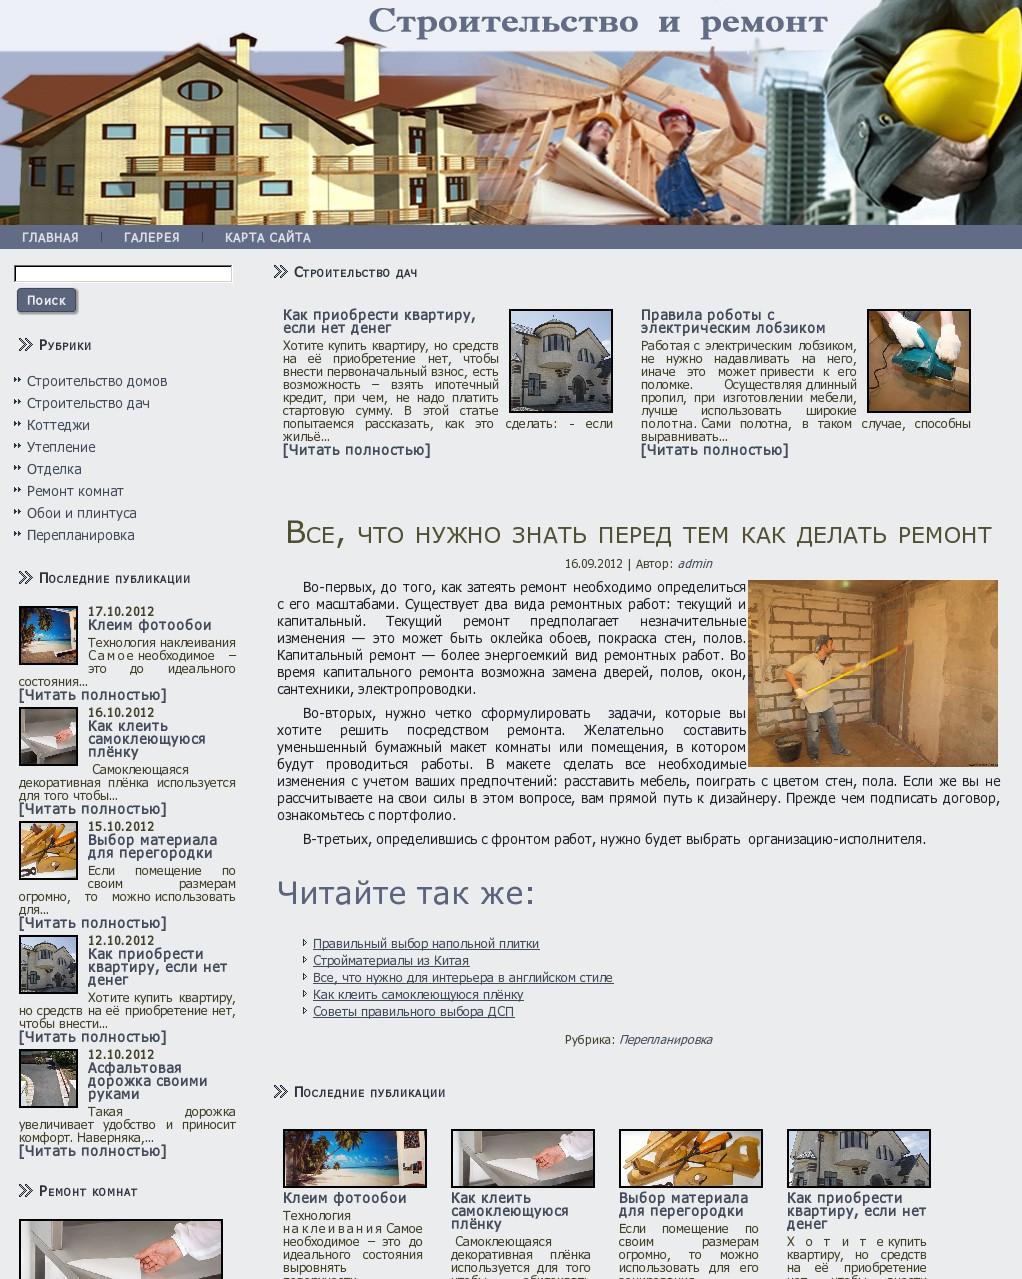 Как сделать главную страницу сайта?